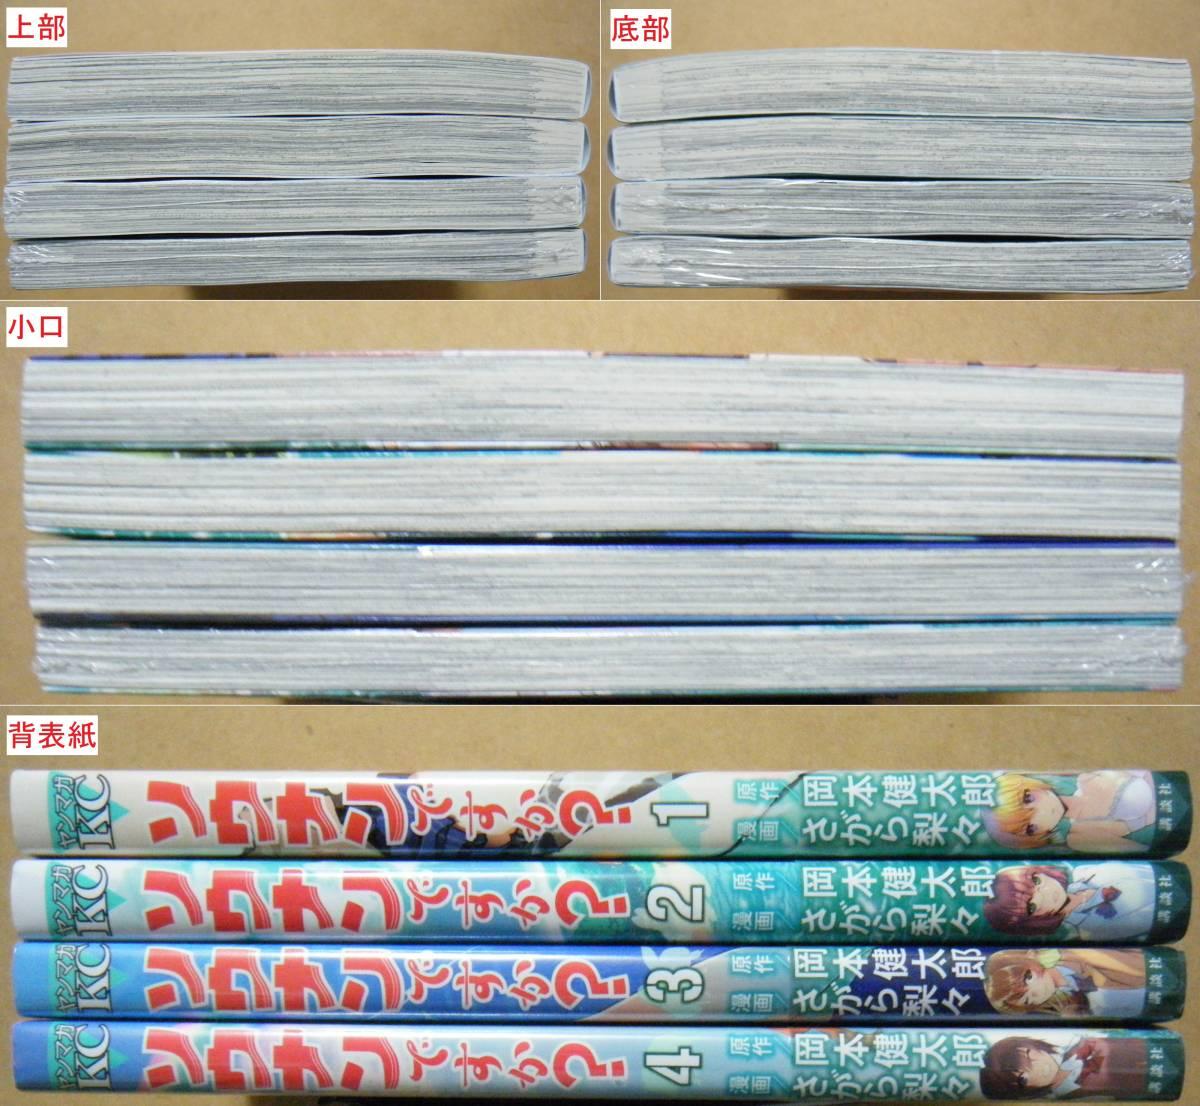 それぞれ上から下へ1~4巻